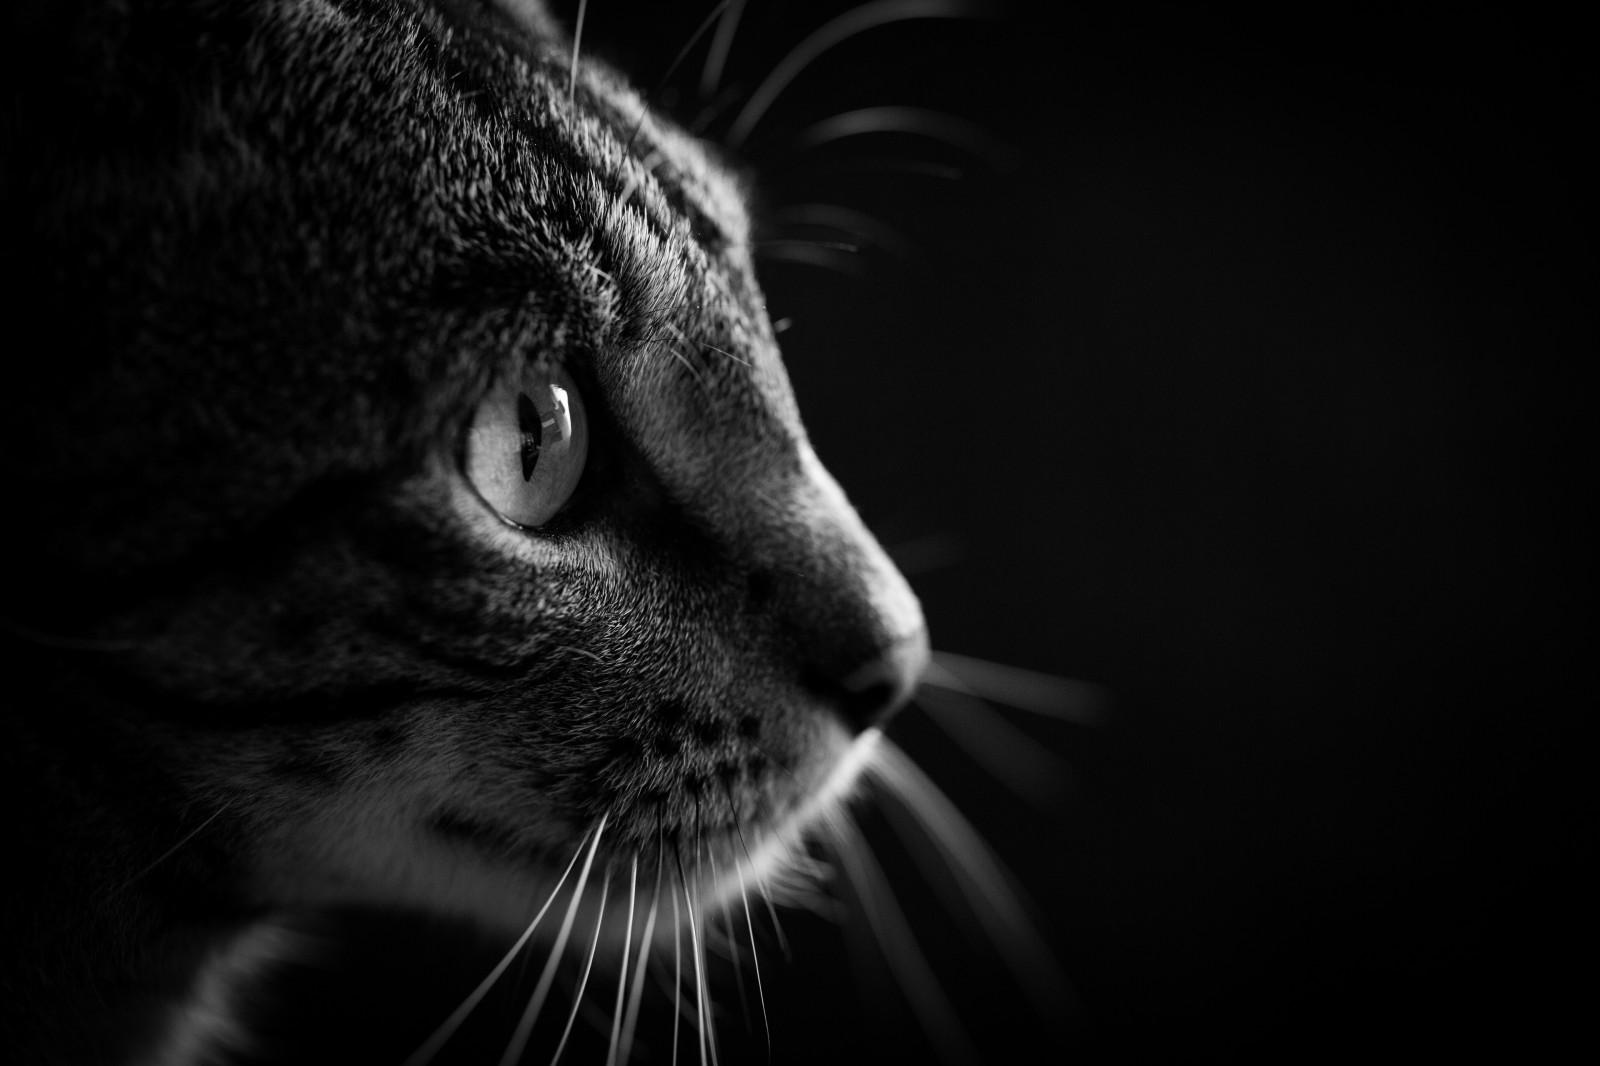 e8def2dfba Fondos de pantalla : cara, monocromo, fotografía, silueta, Tigre, perfil,  Vigas, fauna silvestre, Sol, Canon, bigotes, Mascotas, lente, primavera,  mascota, ...